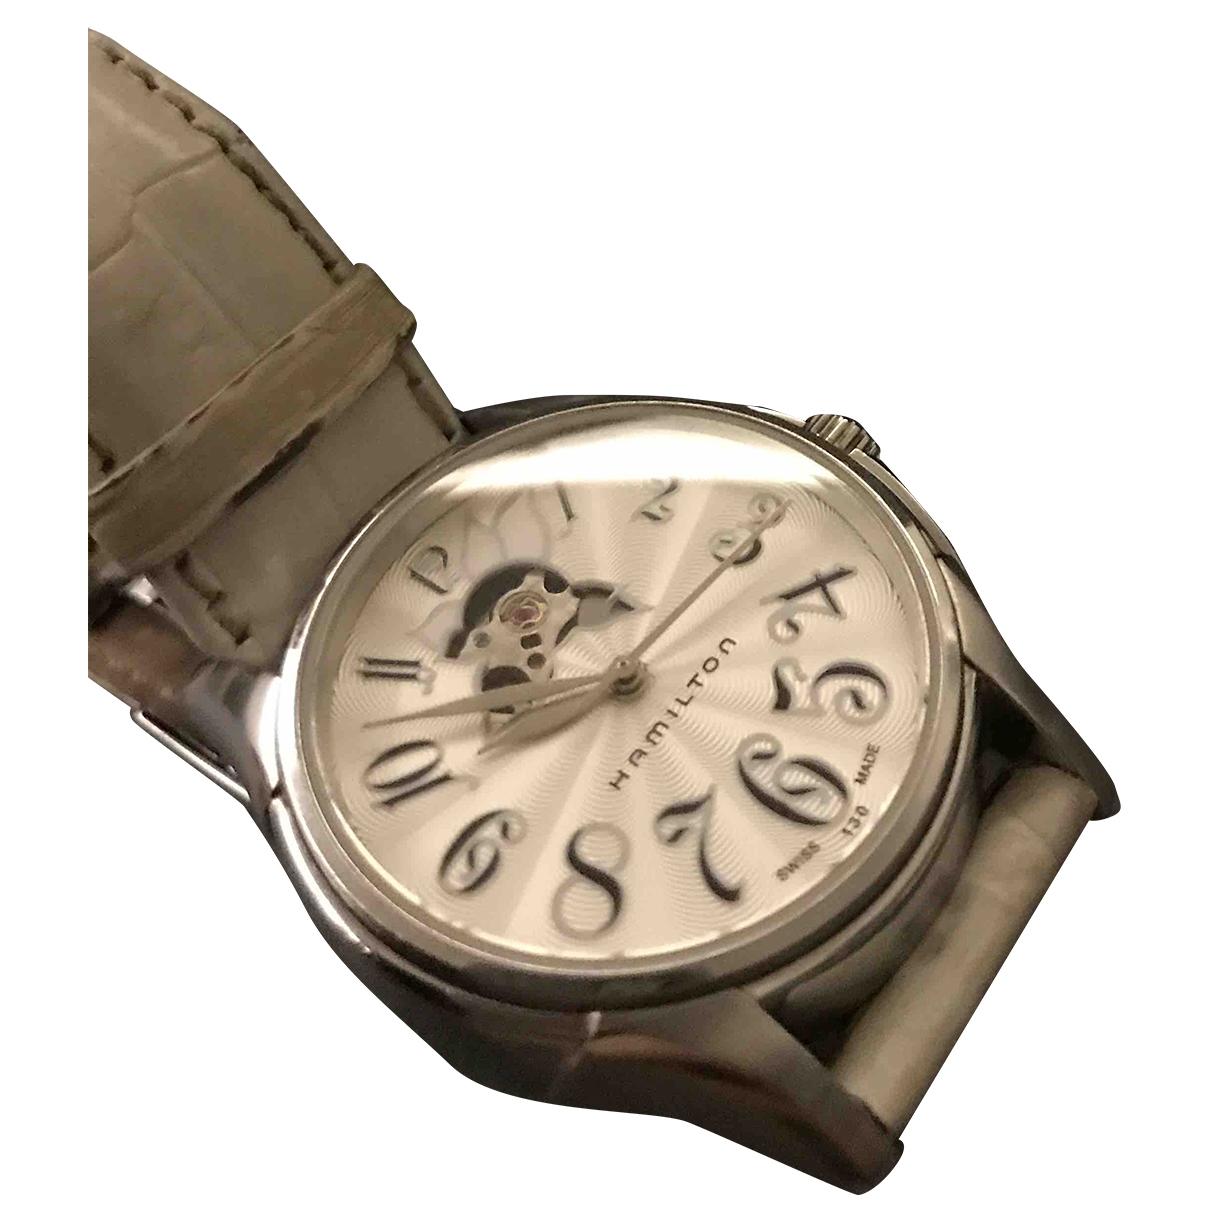 Hamilton \N White Steel watch for Women \N